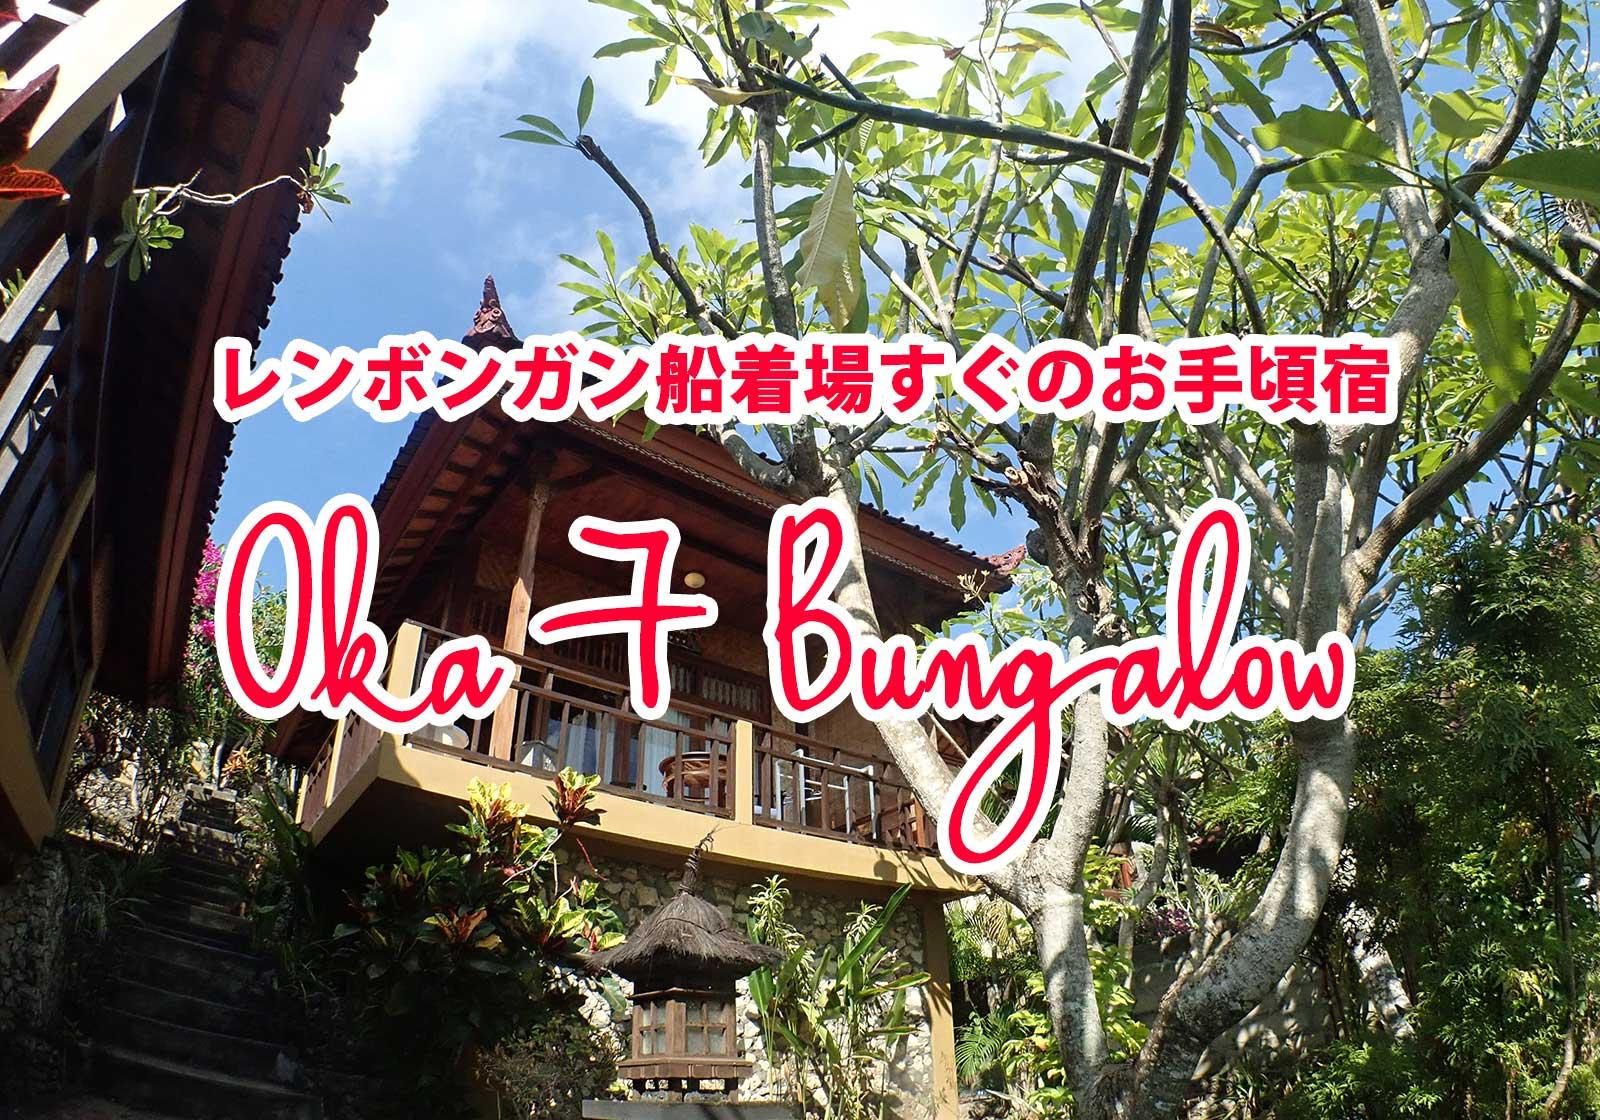 レンボンガン島船着場すぐのオカ7バンガロー 泊6000円 ~Lembongan Hotel : Oka7 Bungalow~